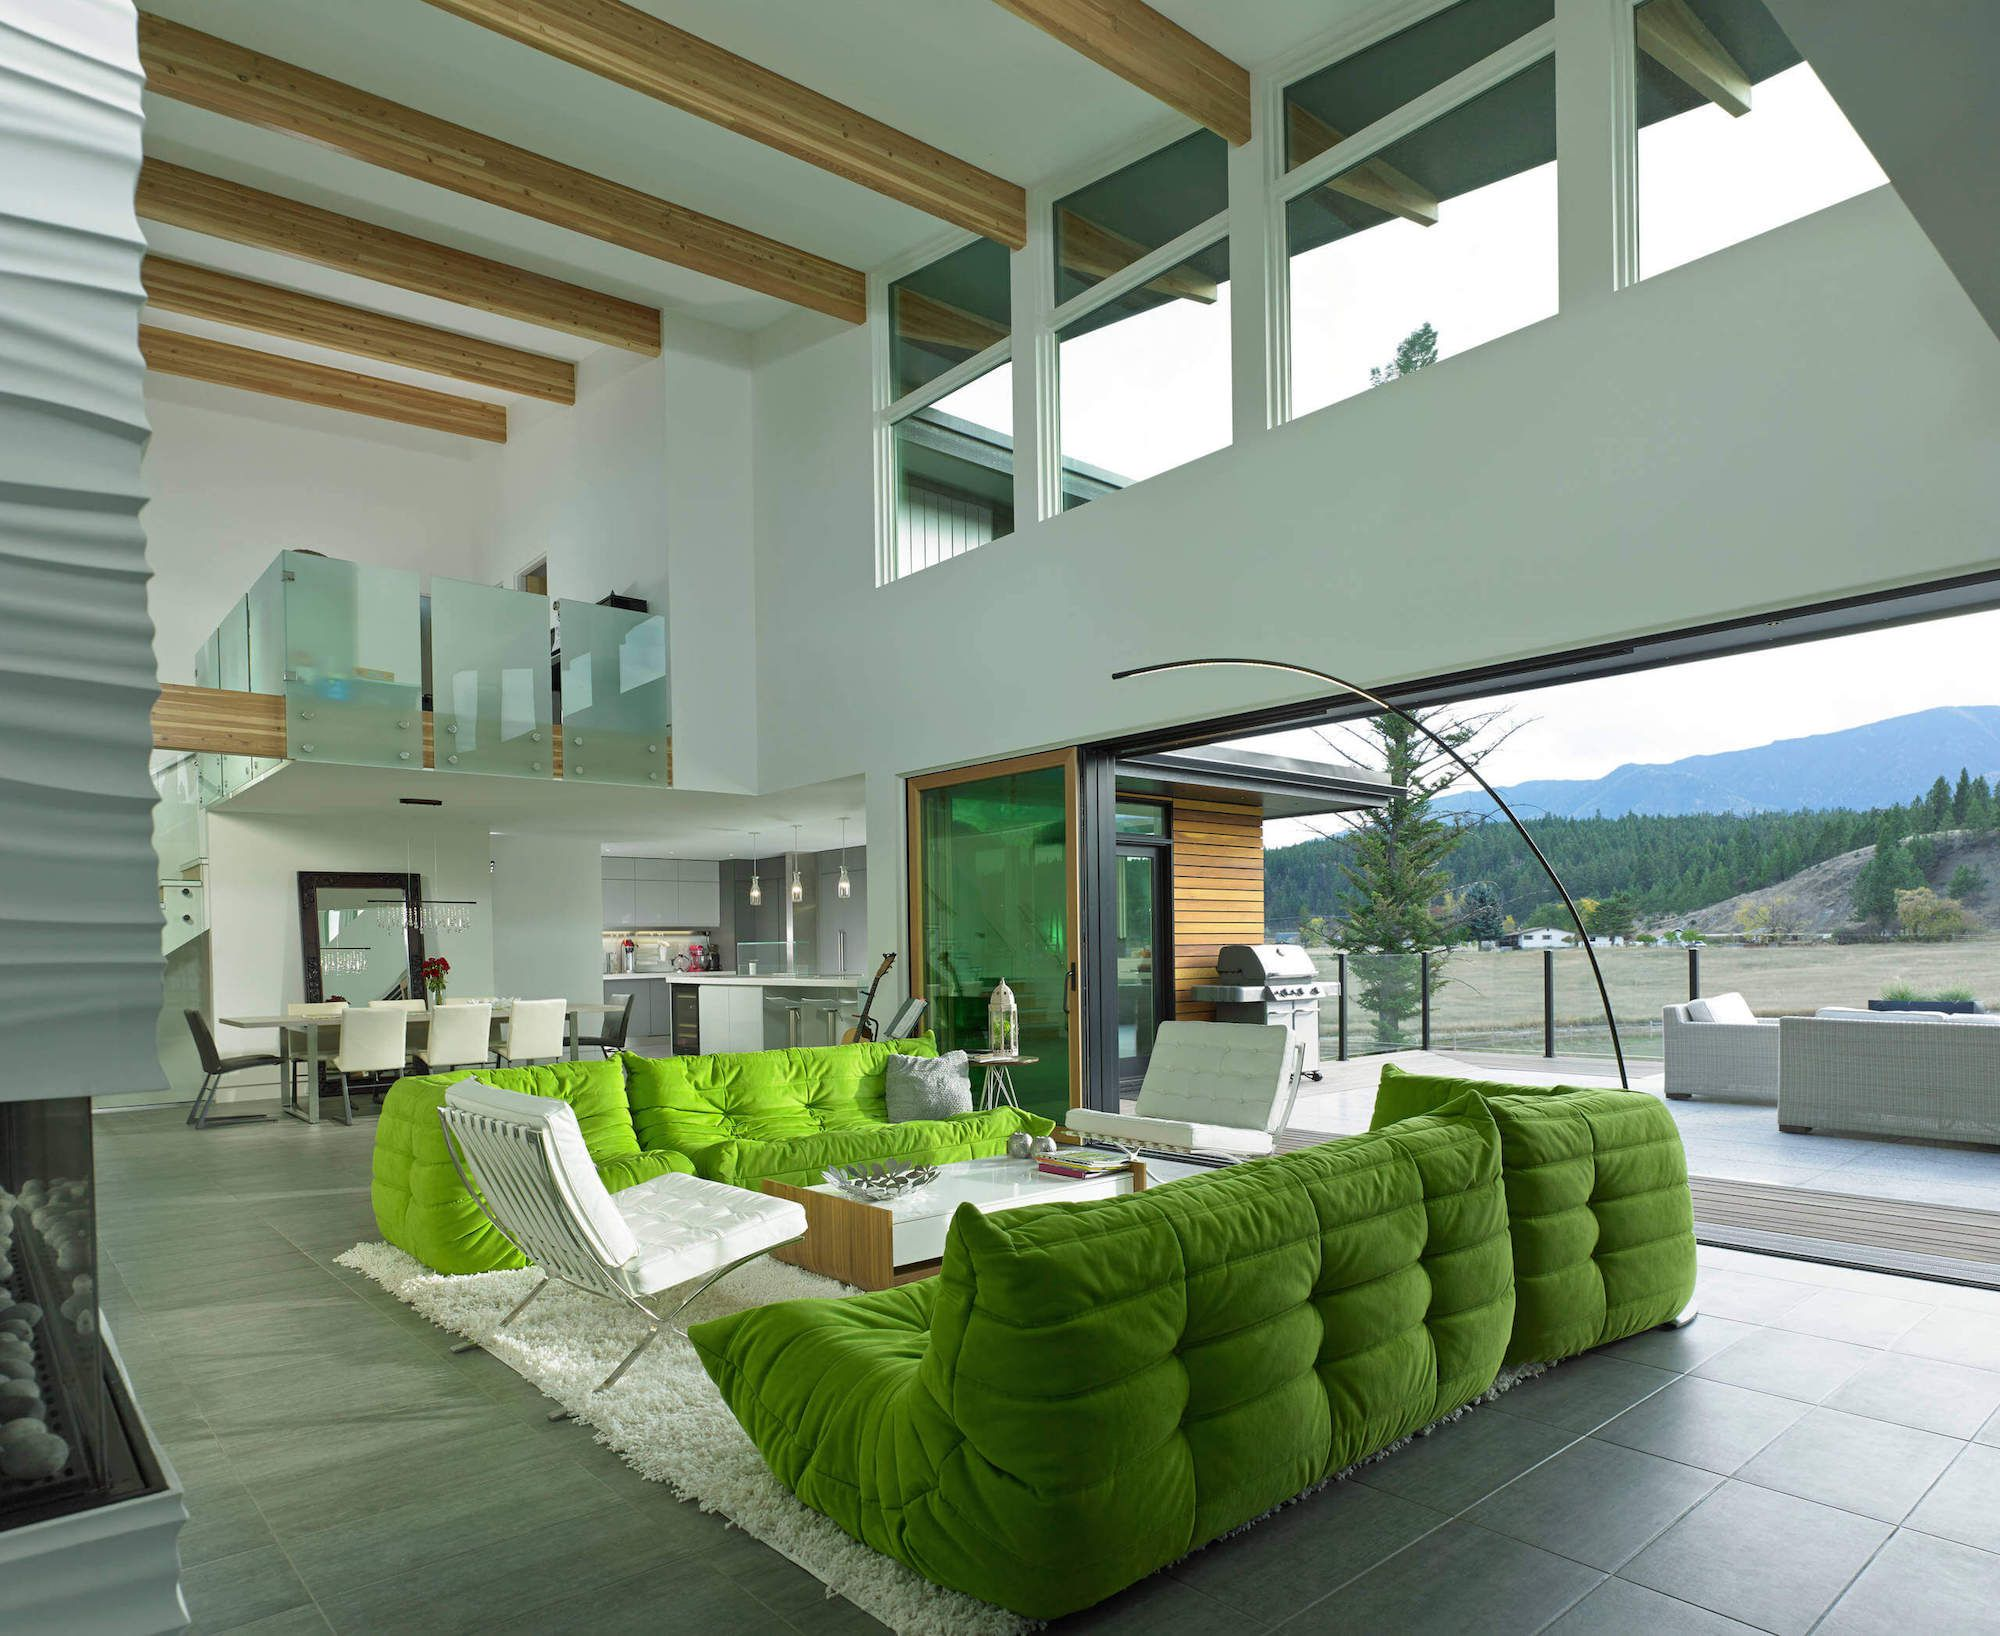 lindal-home-turkel-design-05